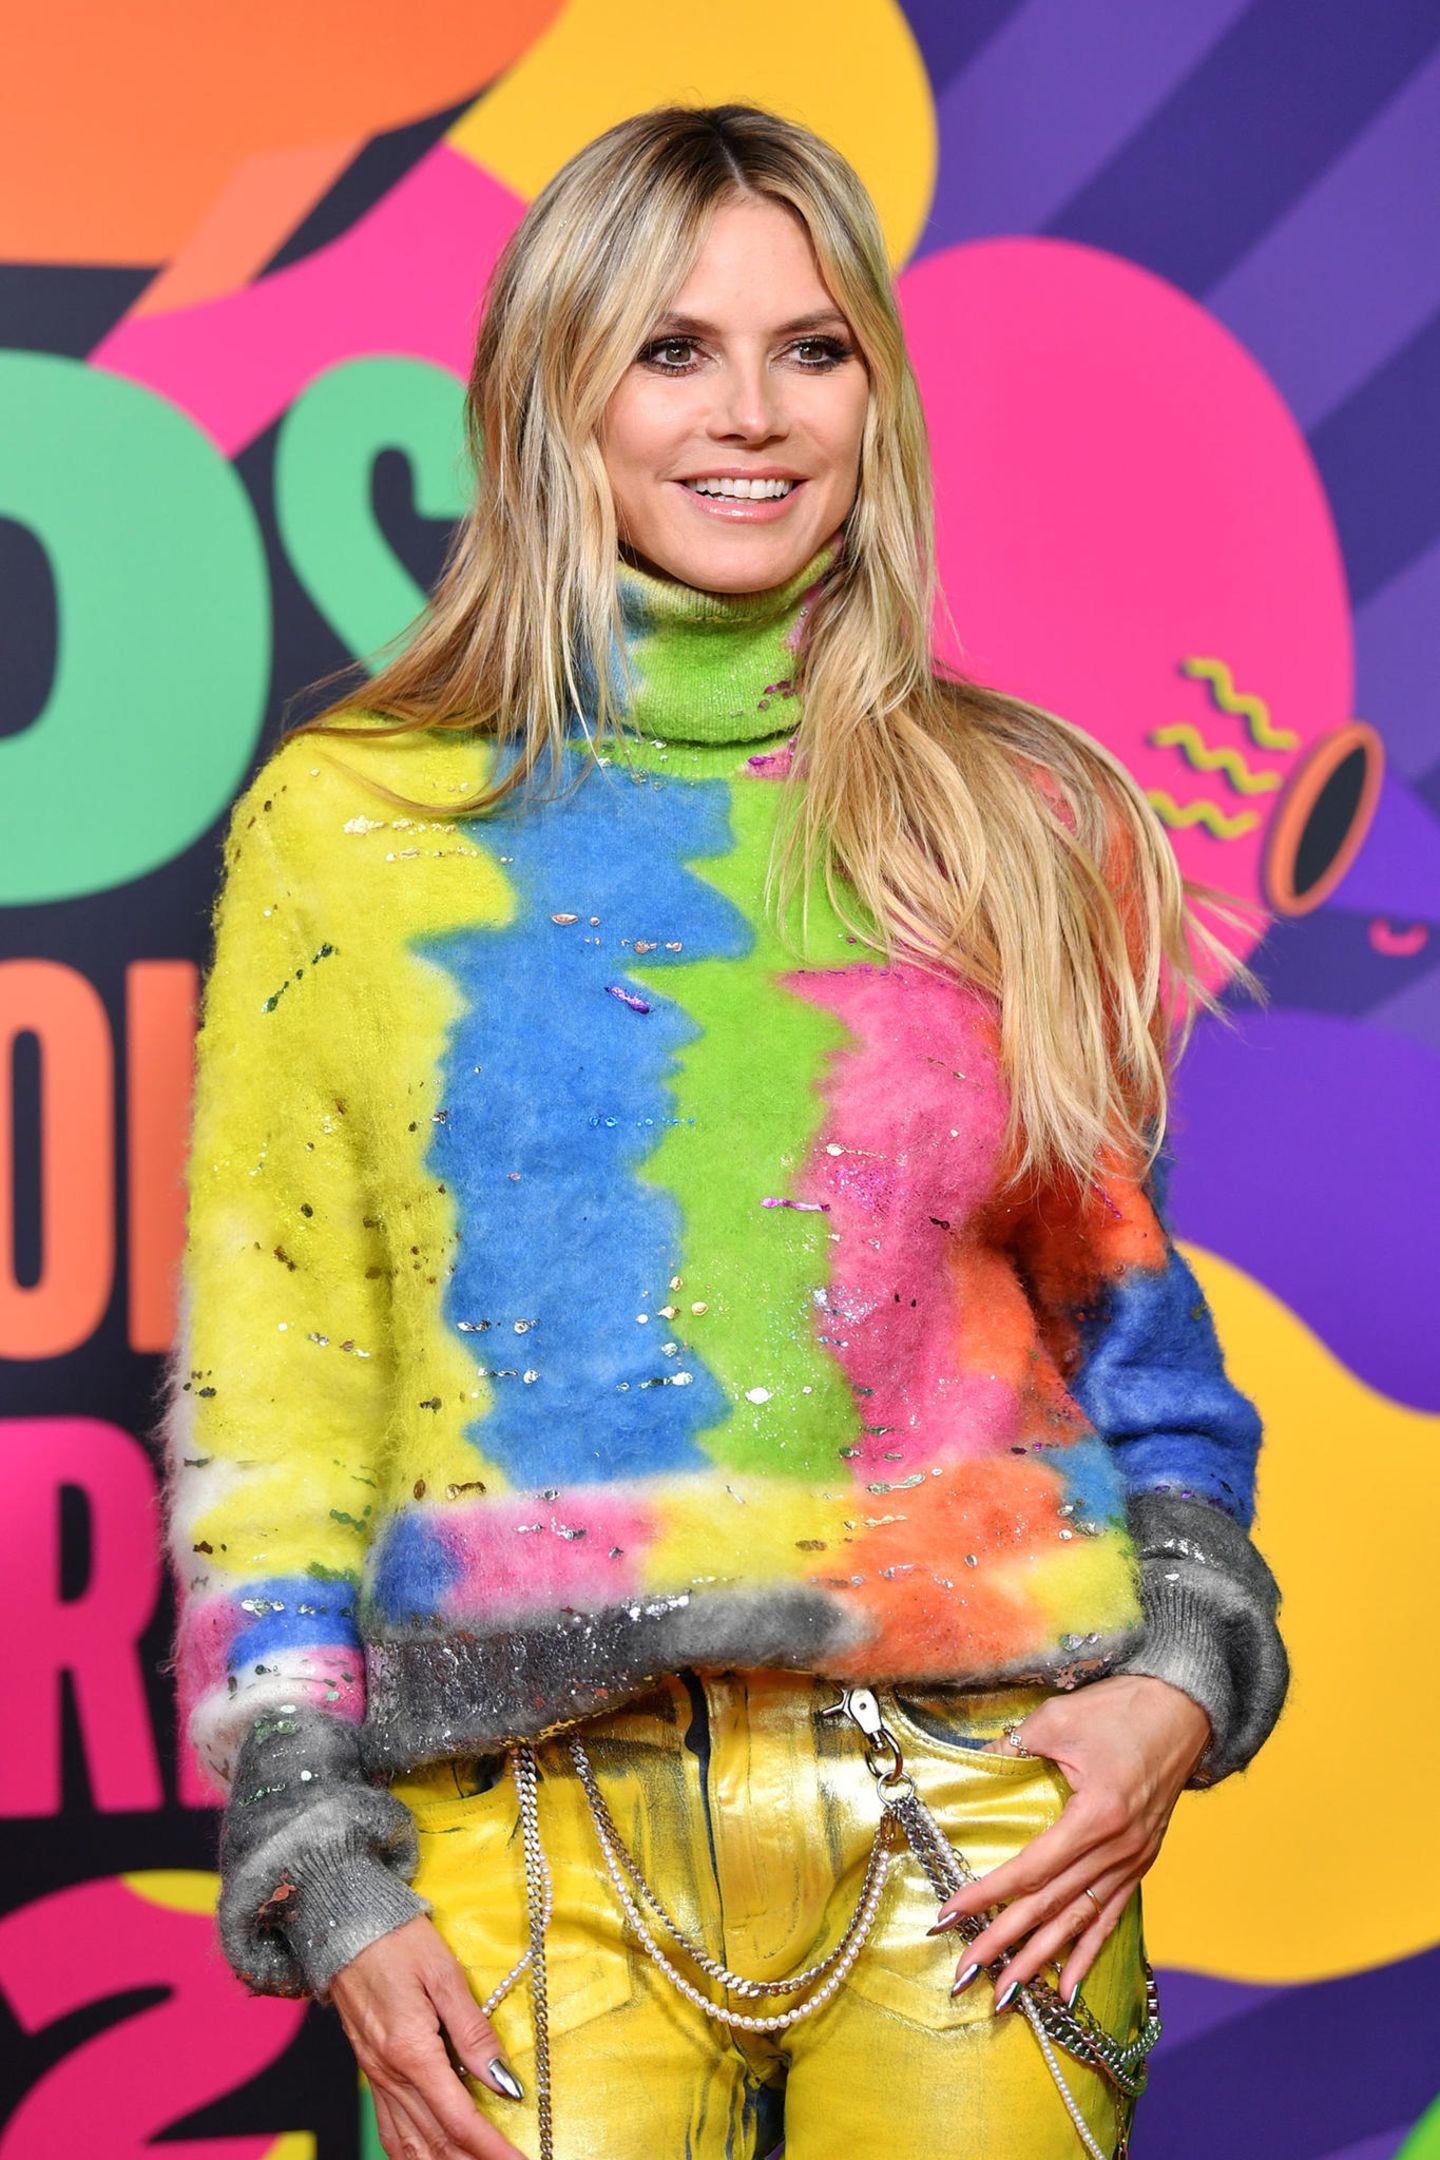 Passender könnte ein Outfit kaum sein: Für die bunten Kids' Choice Awards hat sich Heidi Klum einen ebenso farbenfrohen Look von Dolce&Gabbanaausgesucht.